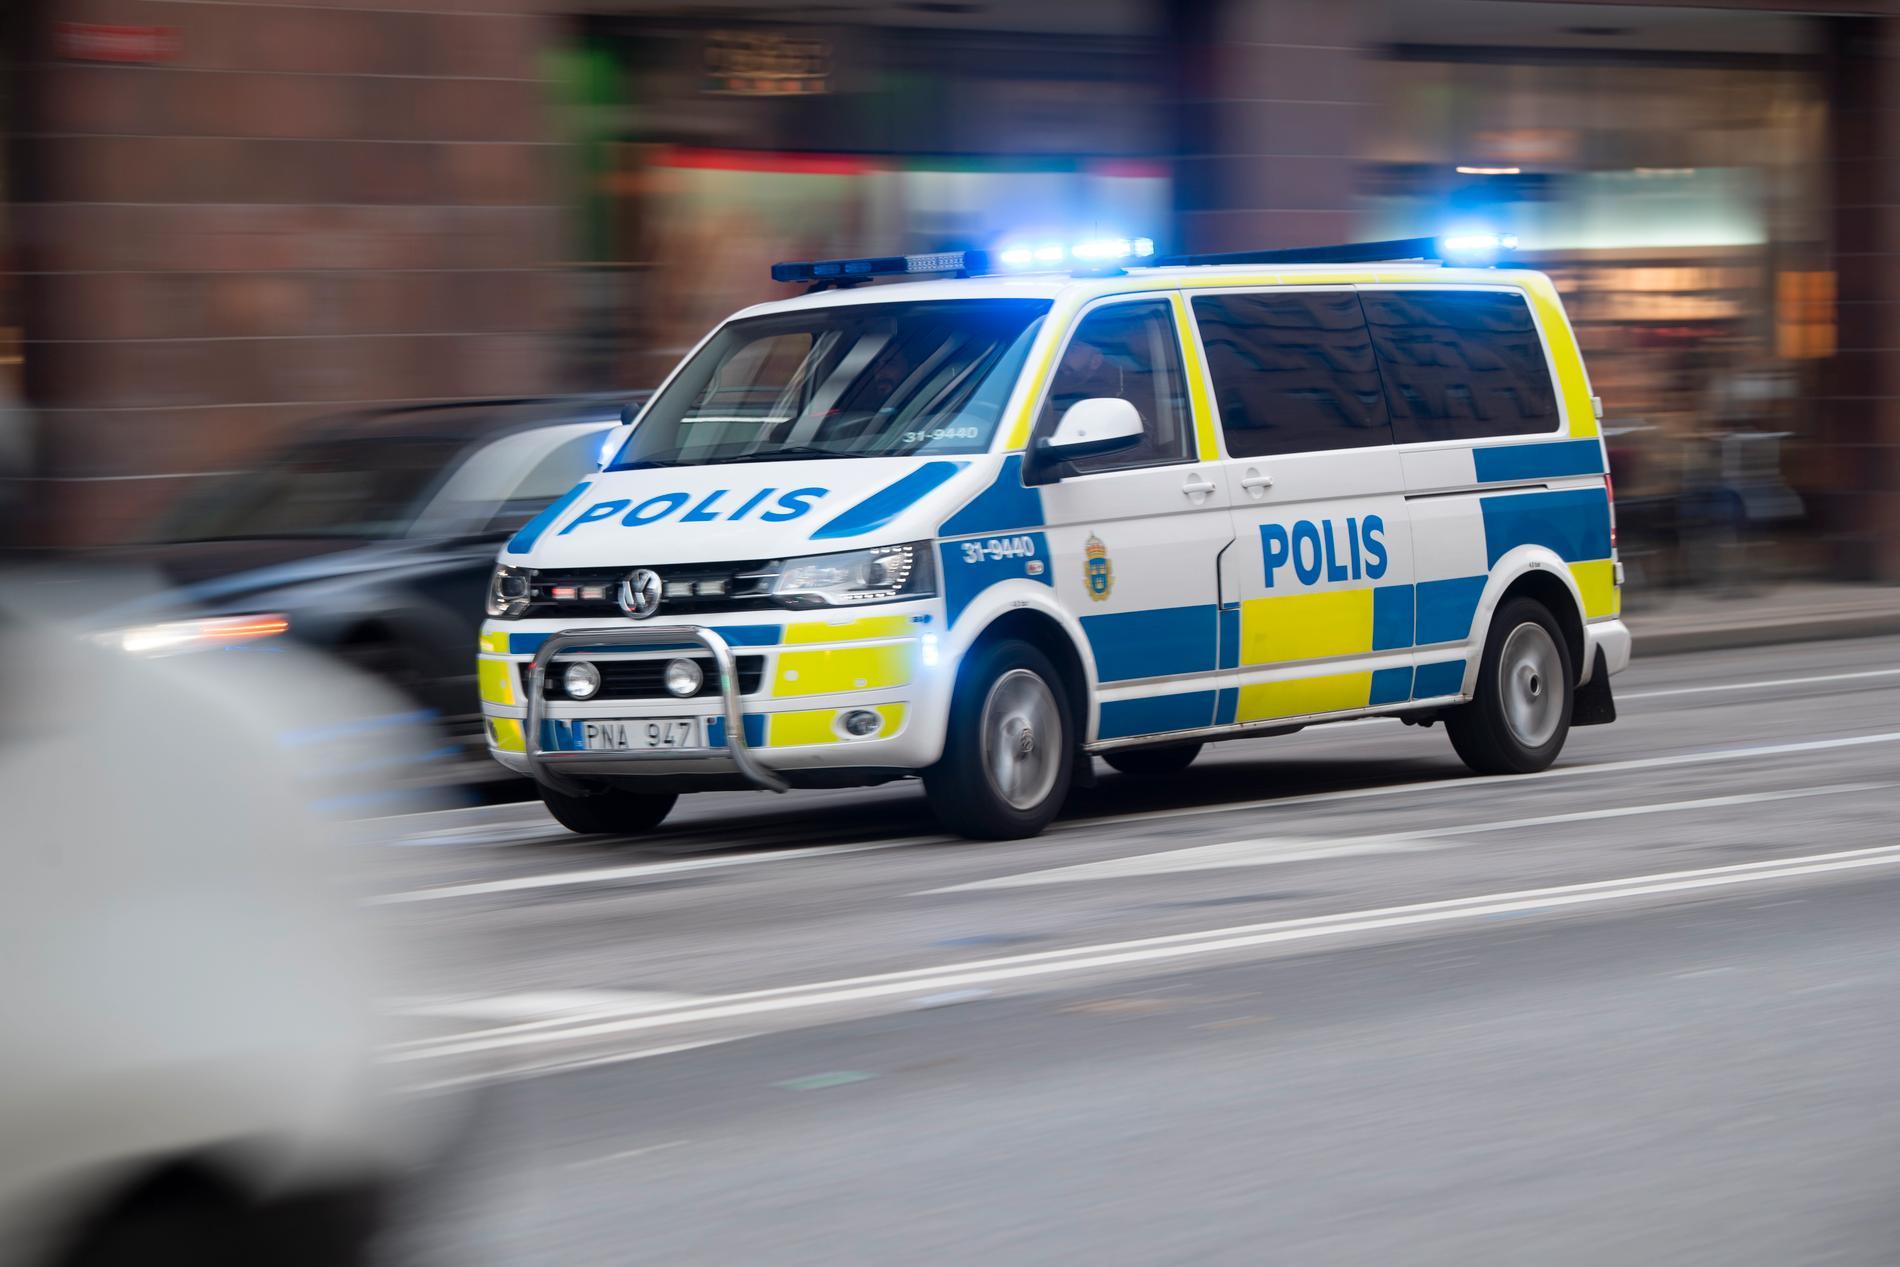 En man i 40-årsåldern har gripits misstänkt för mordförsök på en kvinna söder om Hudiksvall. Arkivbild.